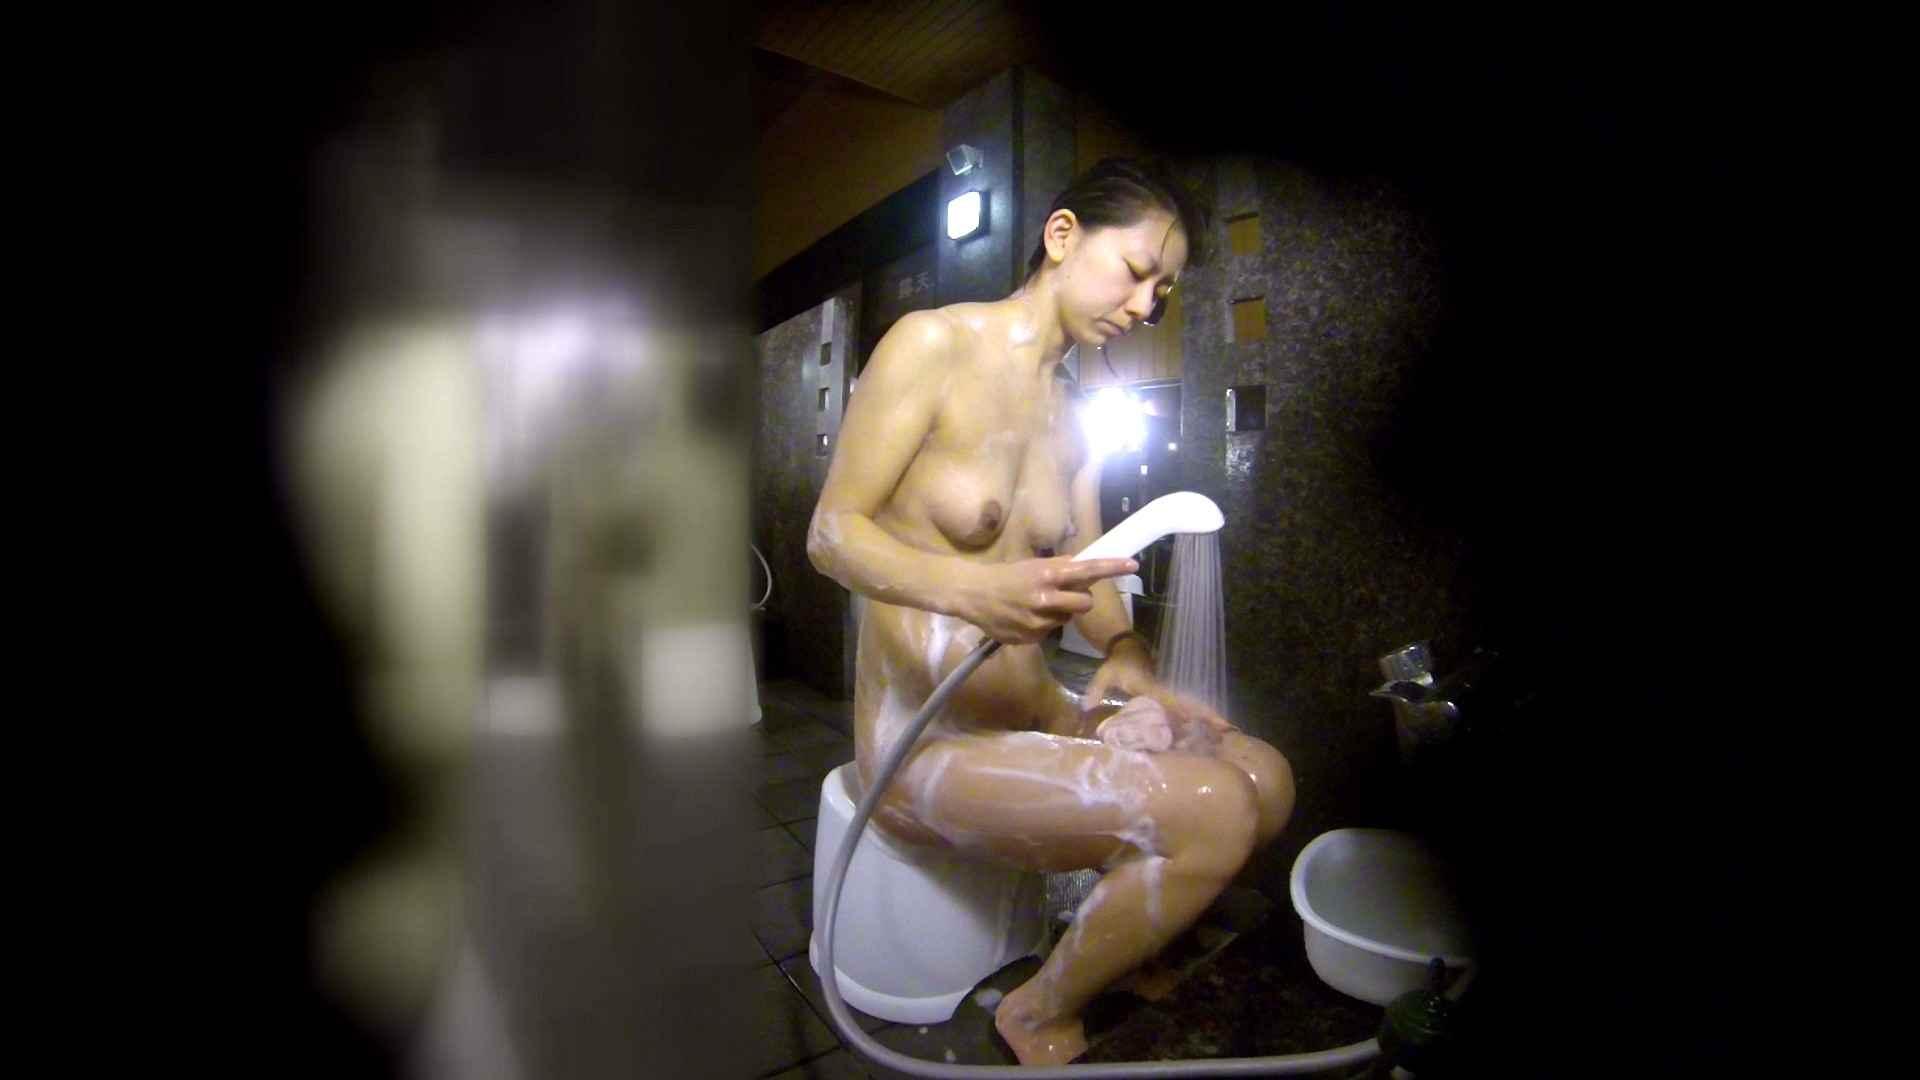 洗い場!綺麗なお女市さんは好きですか? 美乳 おめこ無修正動画無料 93枚 69